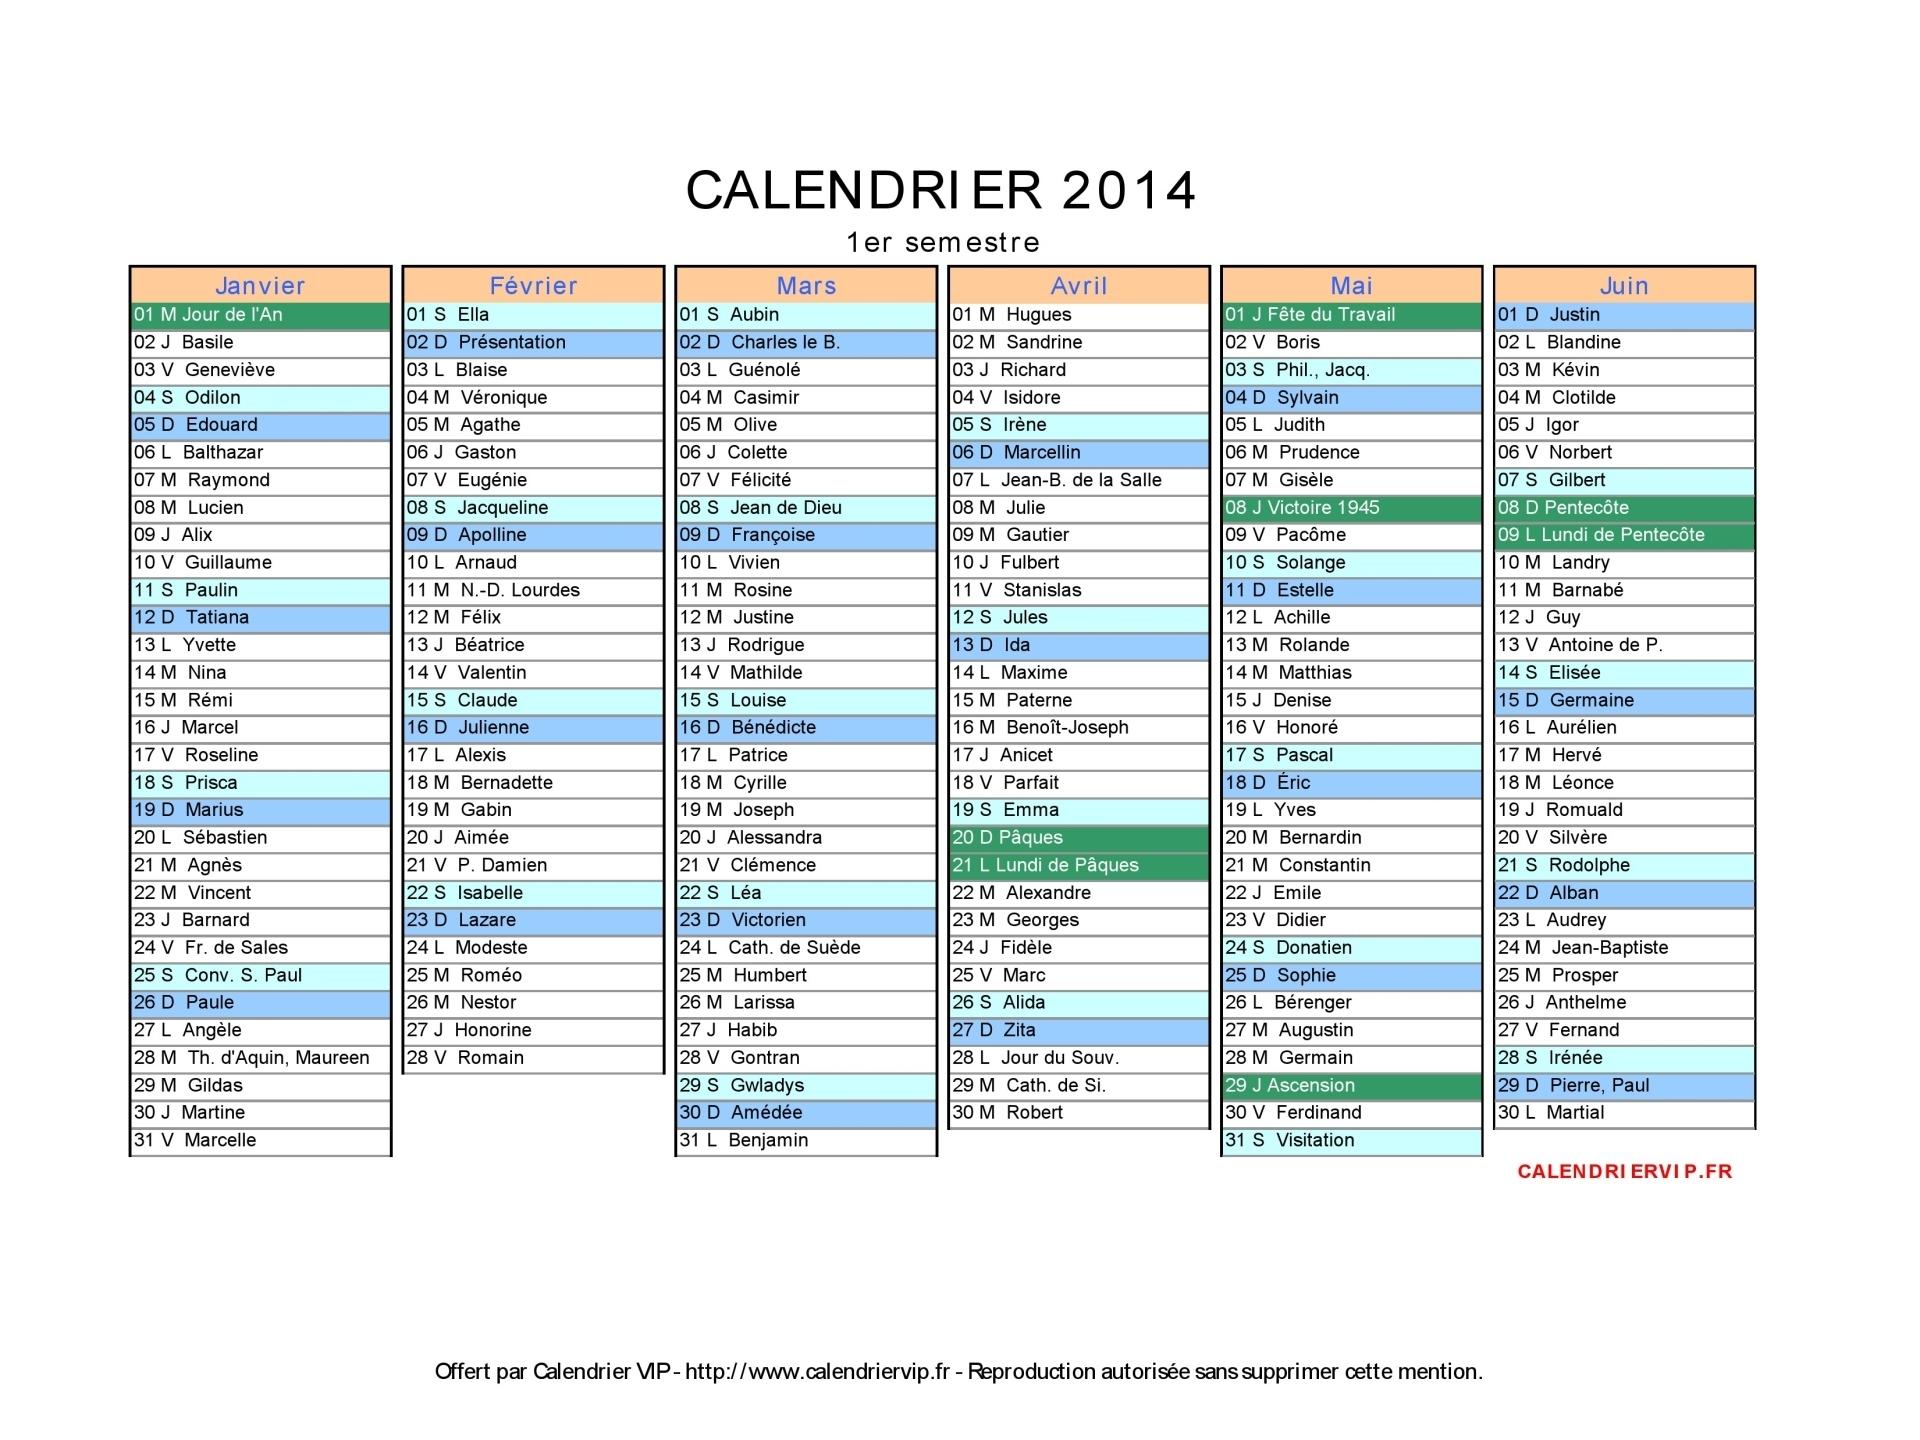 Calendrier 2014 À Imprimer Gratuit En Pdf Et Excel avec Calendrier 2018 Avec Jours Fériés Vacances Scolaires À Imprimer